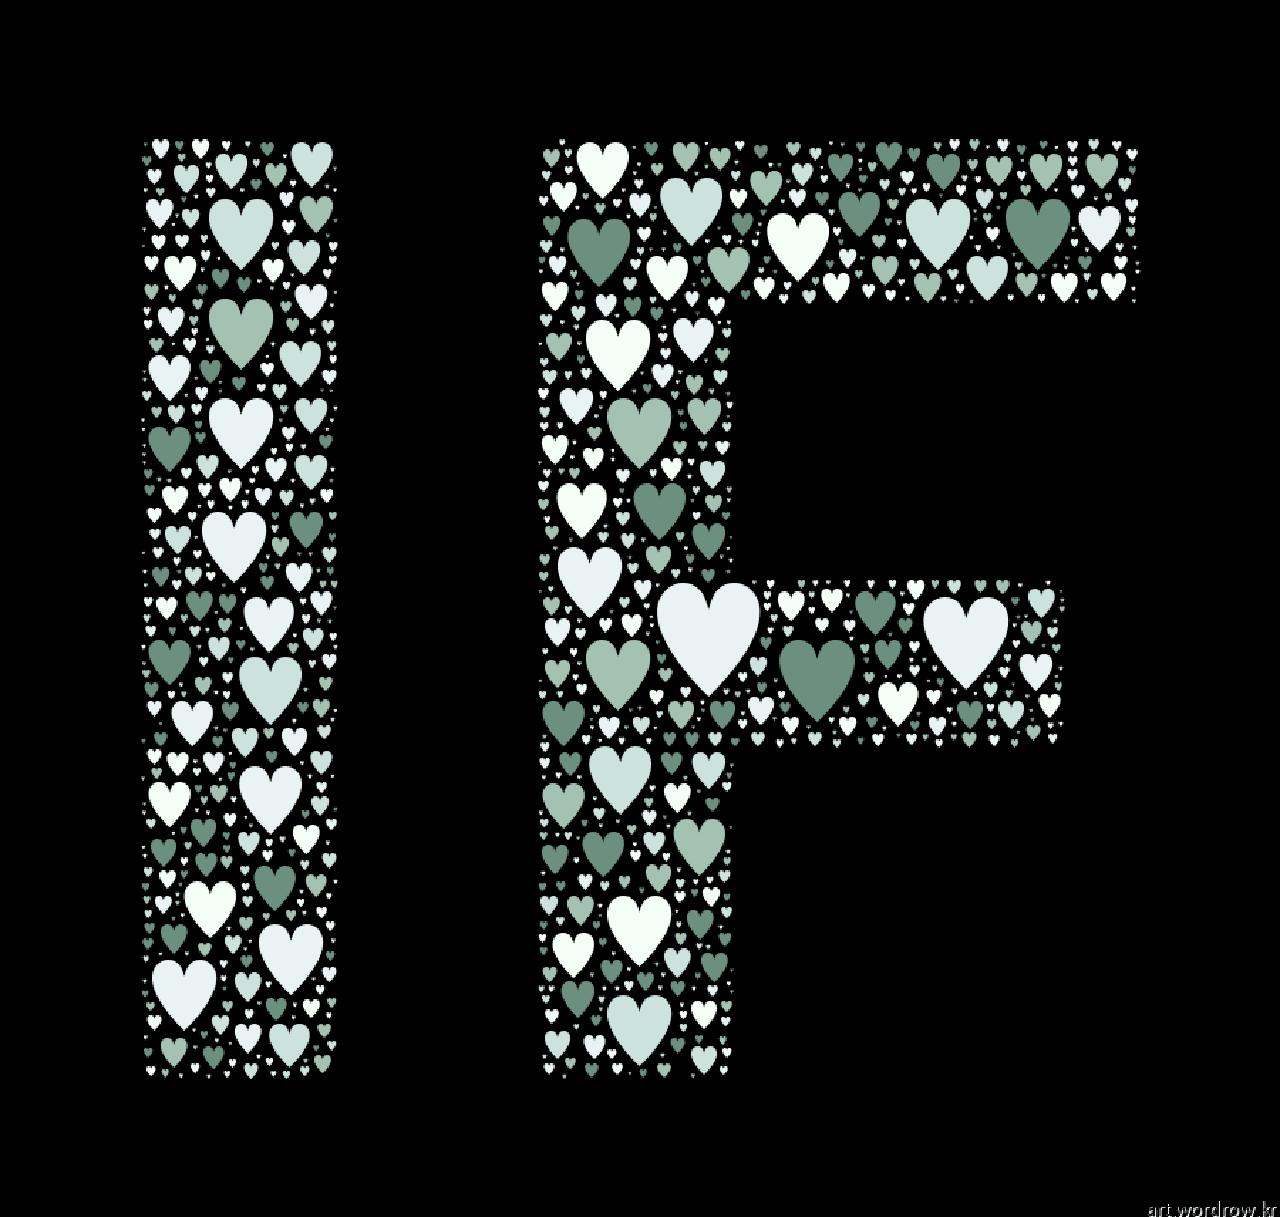 [워드 아트]: IF-3